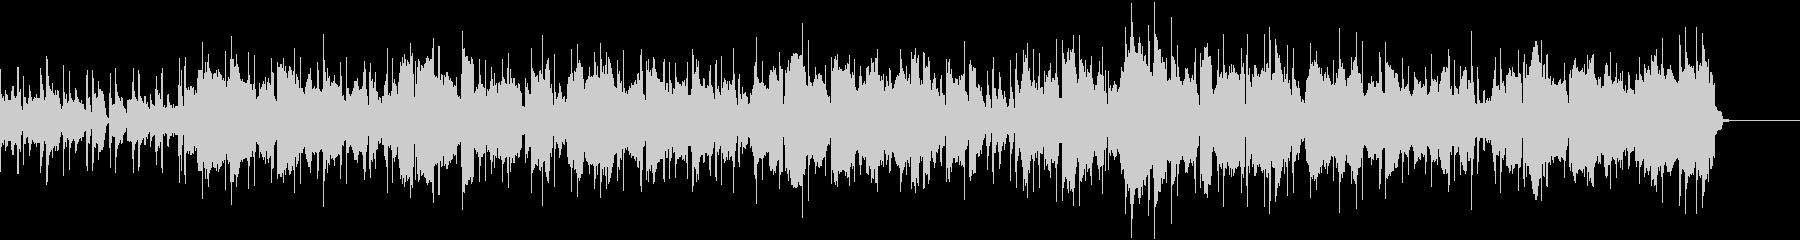 フルート奏でるボサノバナンバーの未再生の波形